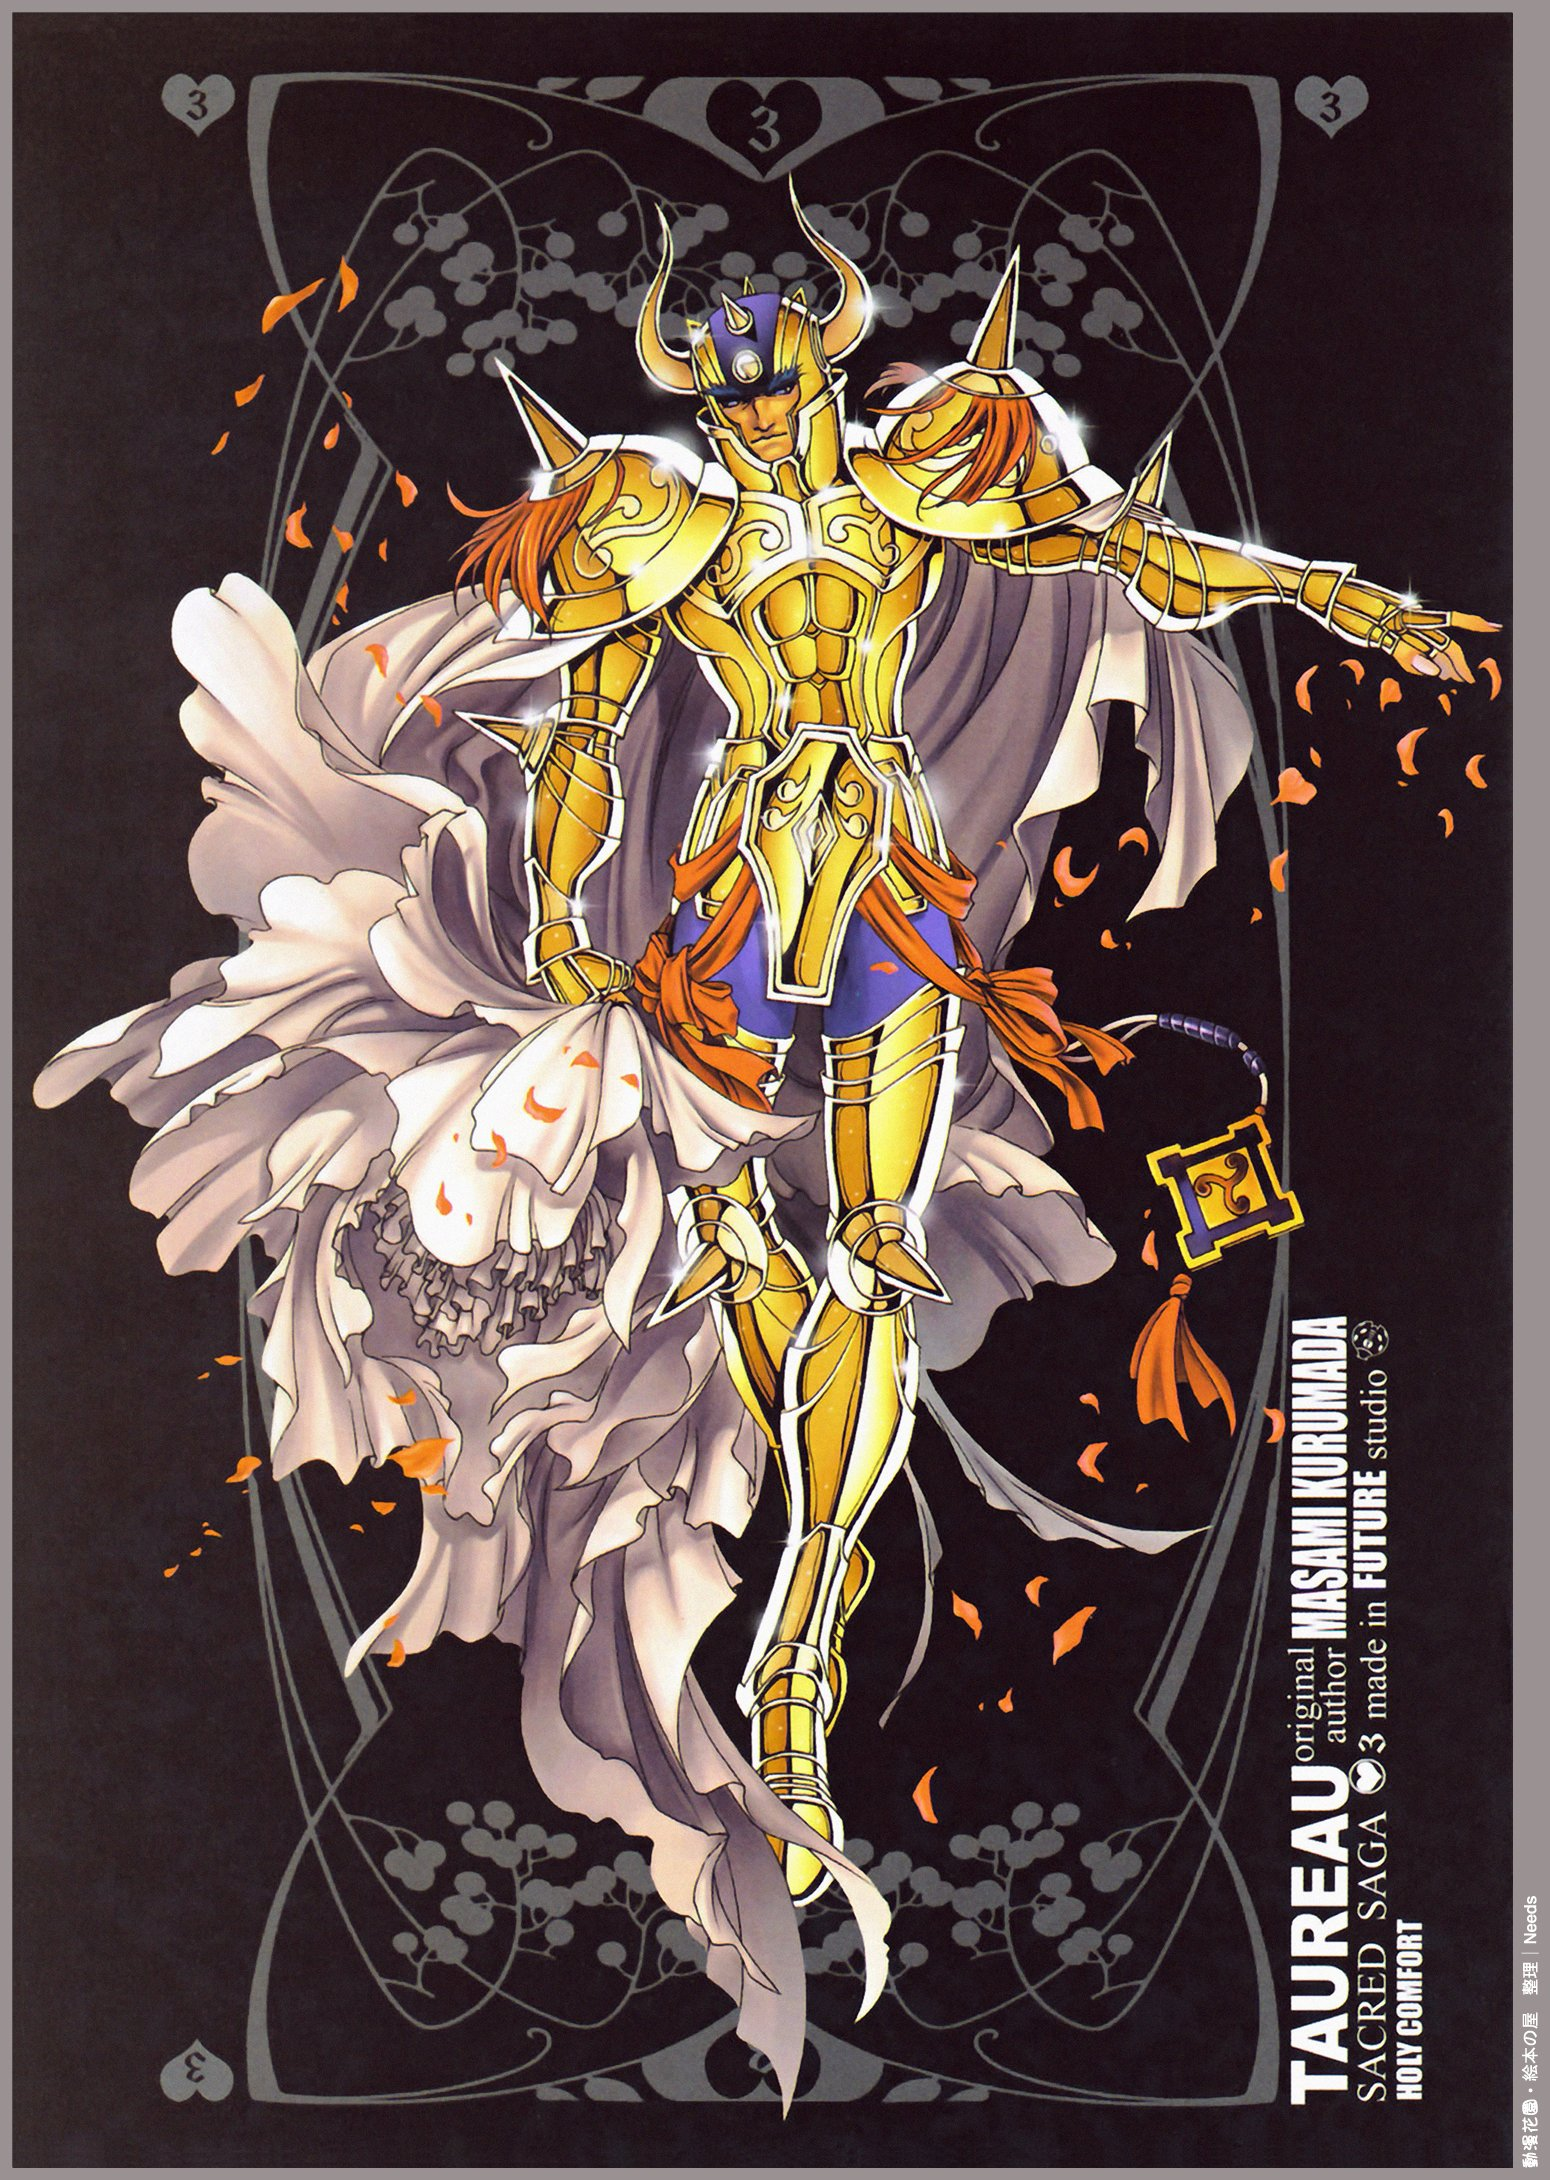 Los Caballeros del Zodiaco Artbooks: Angeles y Saga Sagrada